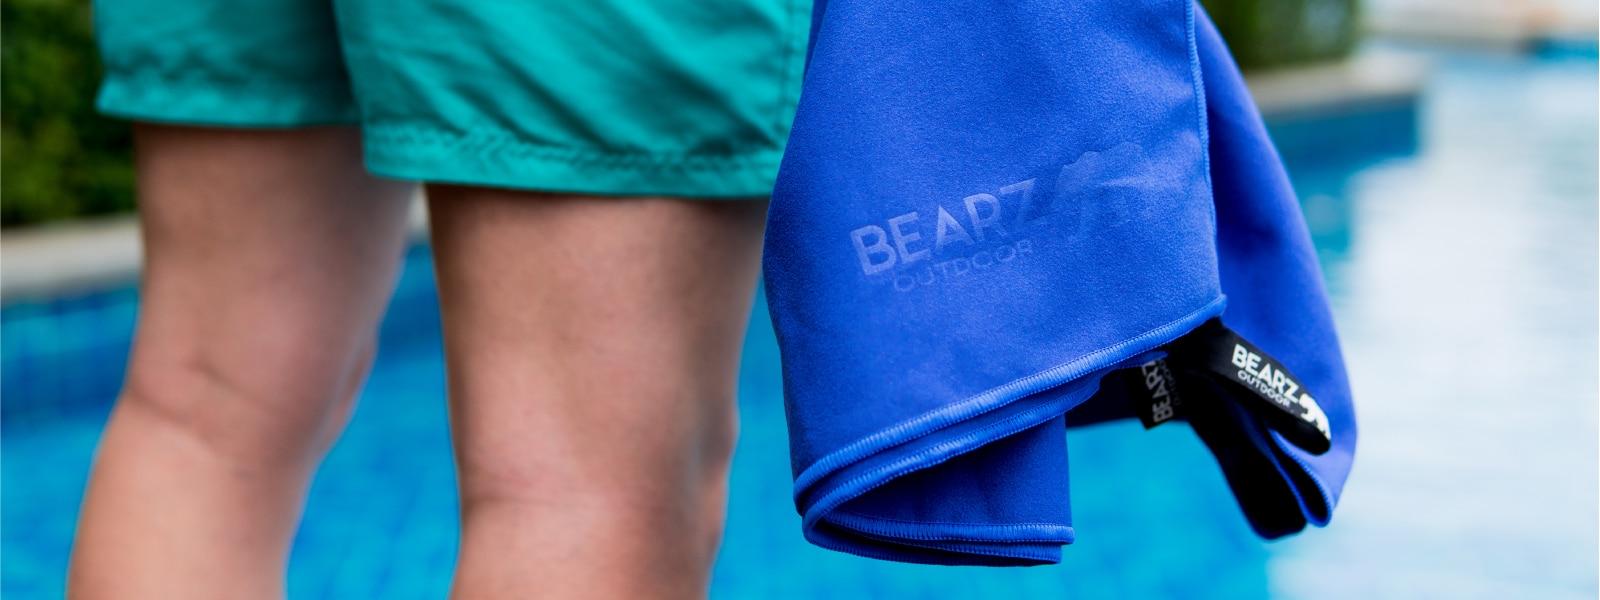 BEARZ Outdoor Microfiber Towel - pool